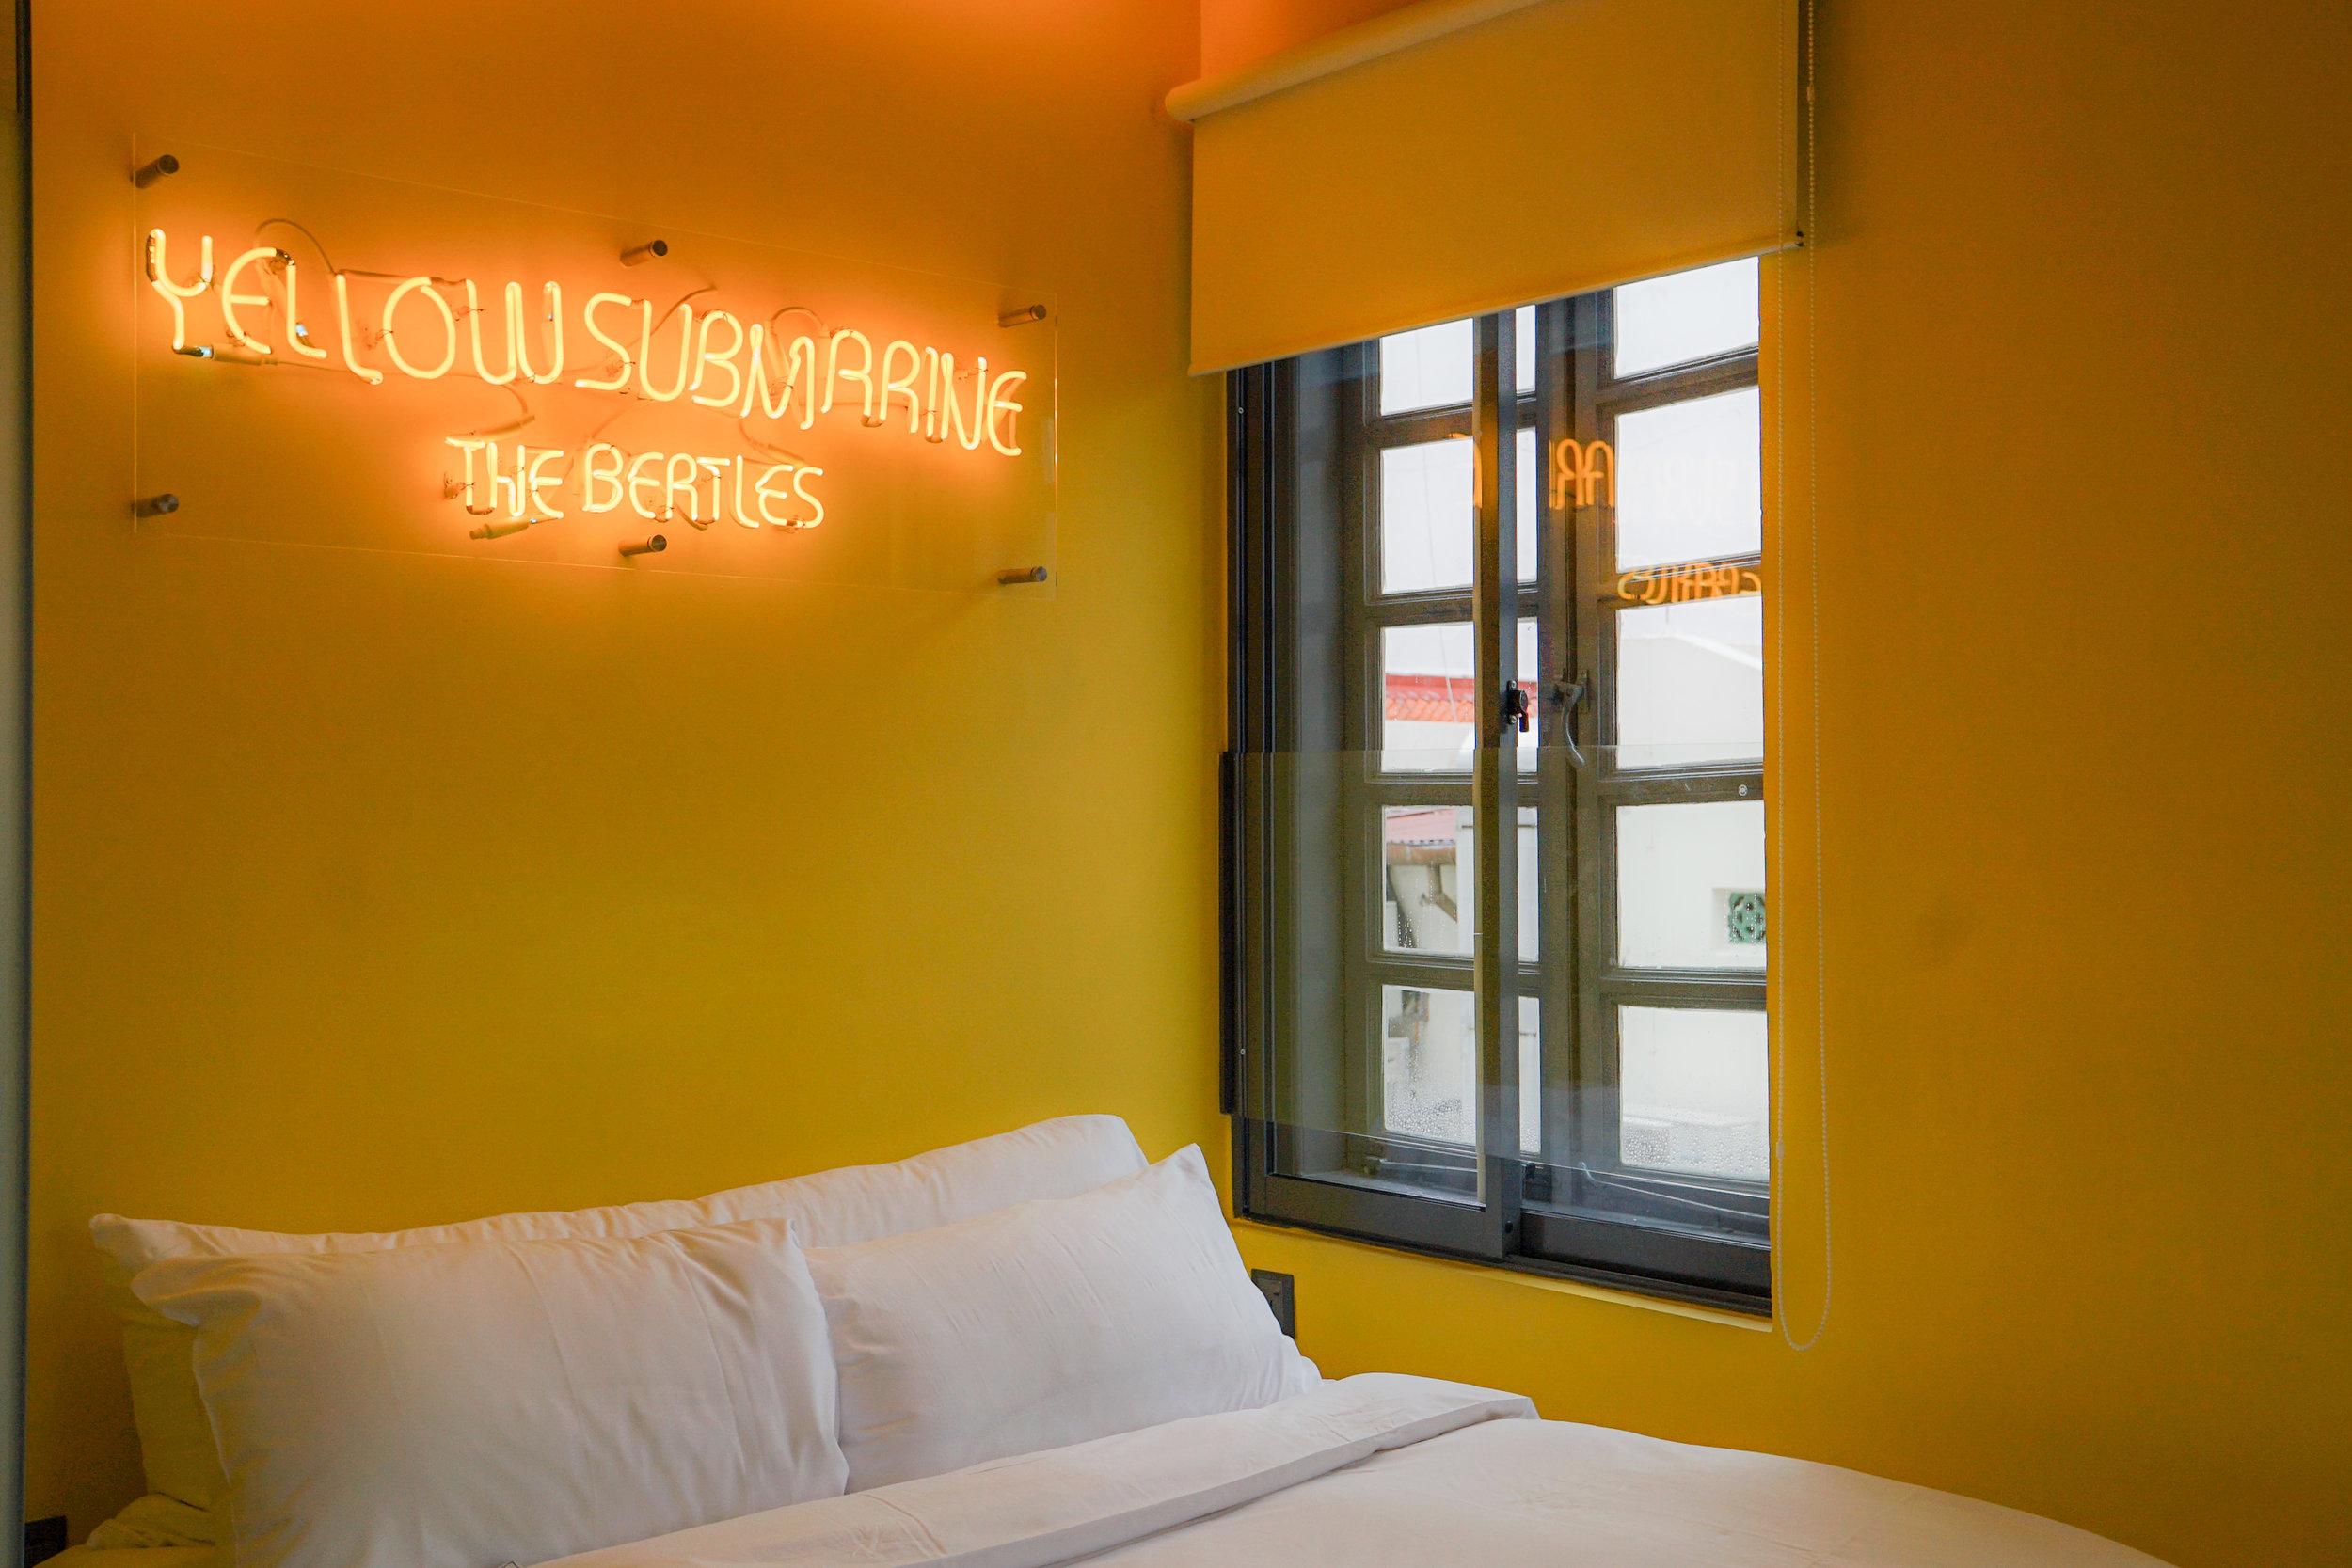 Yellow Submarine Room